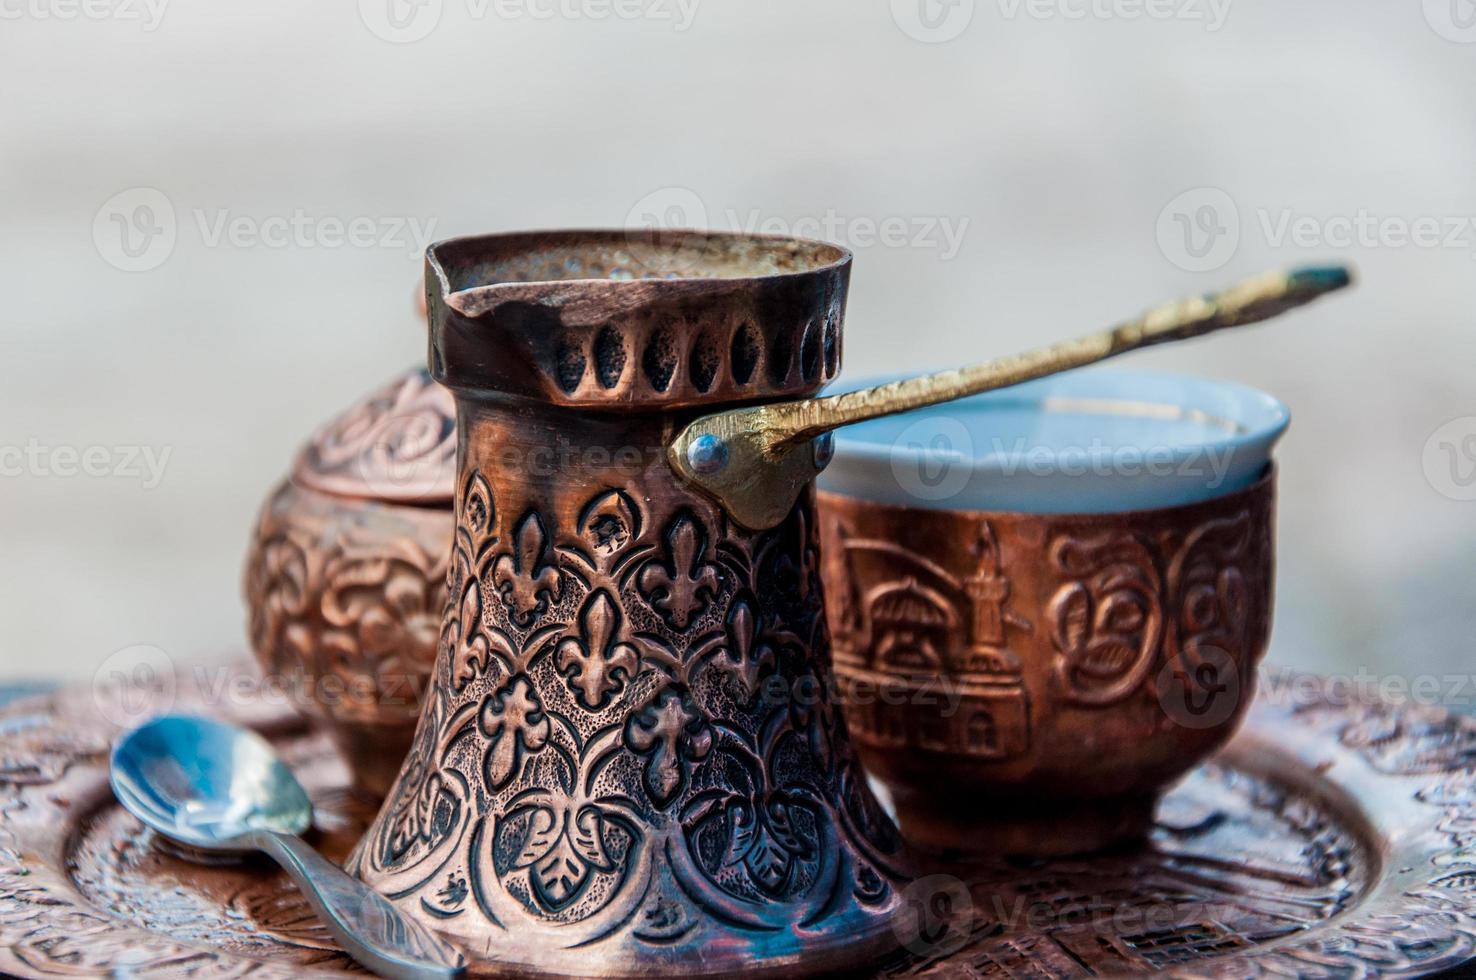 türkisches Kaffeeset foto